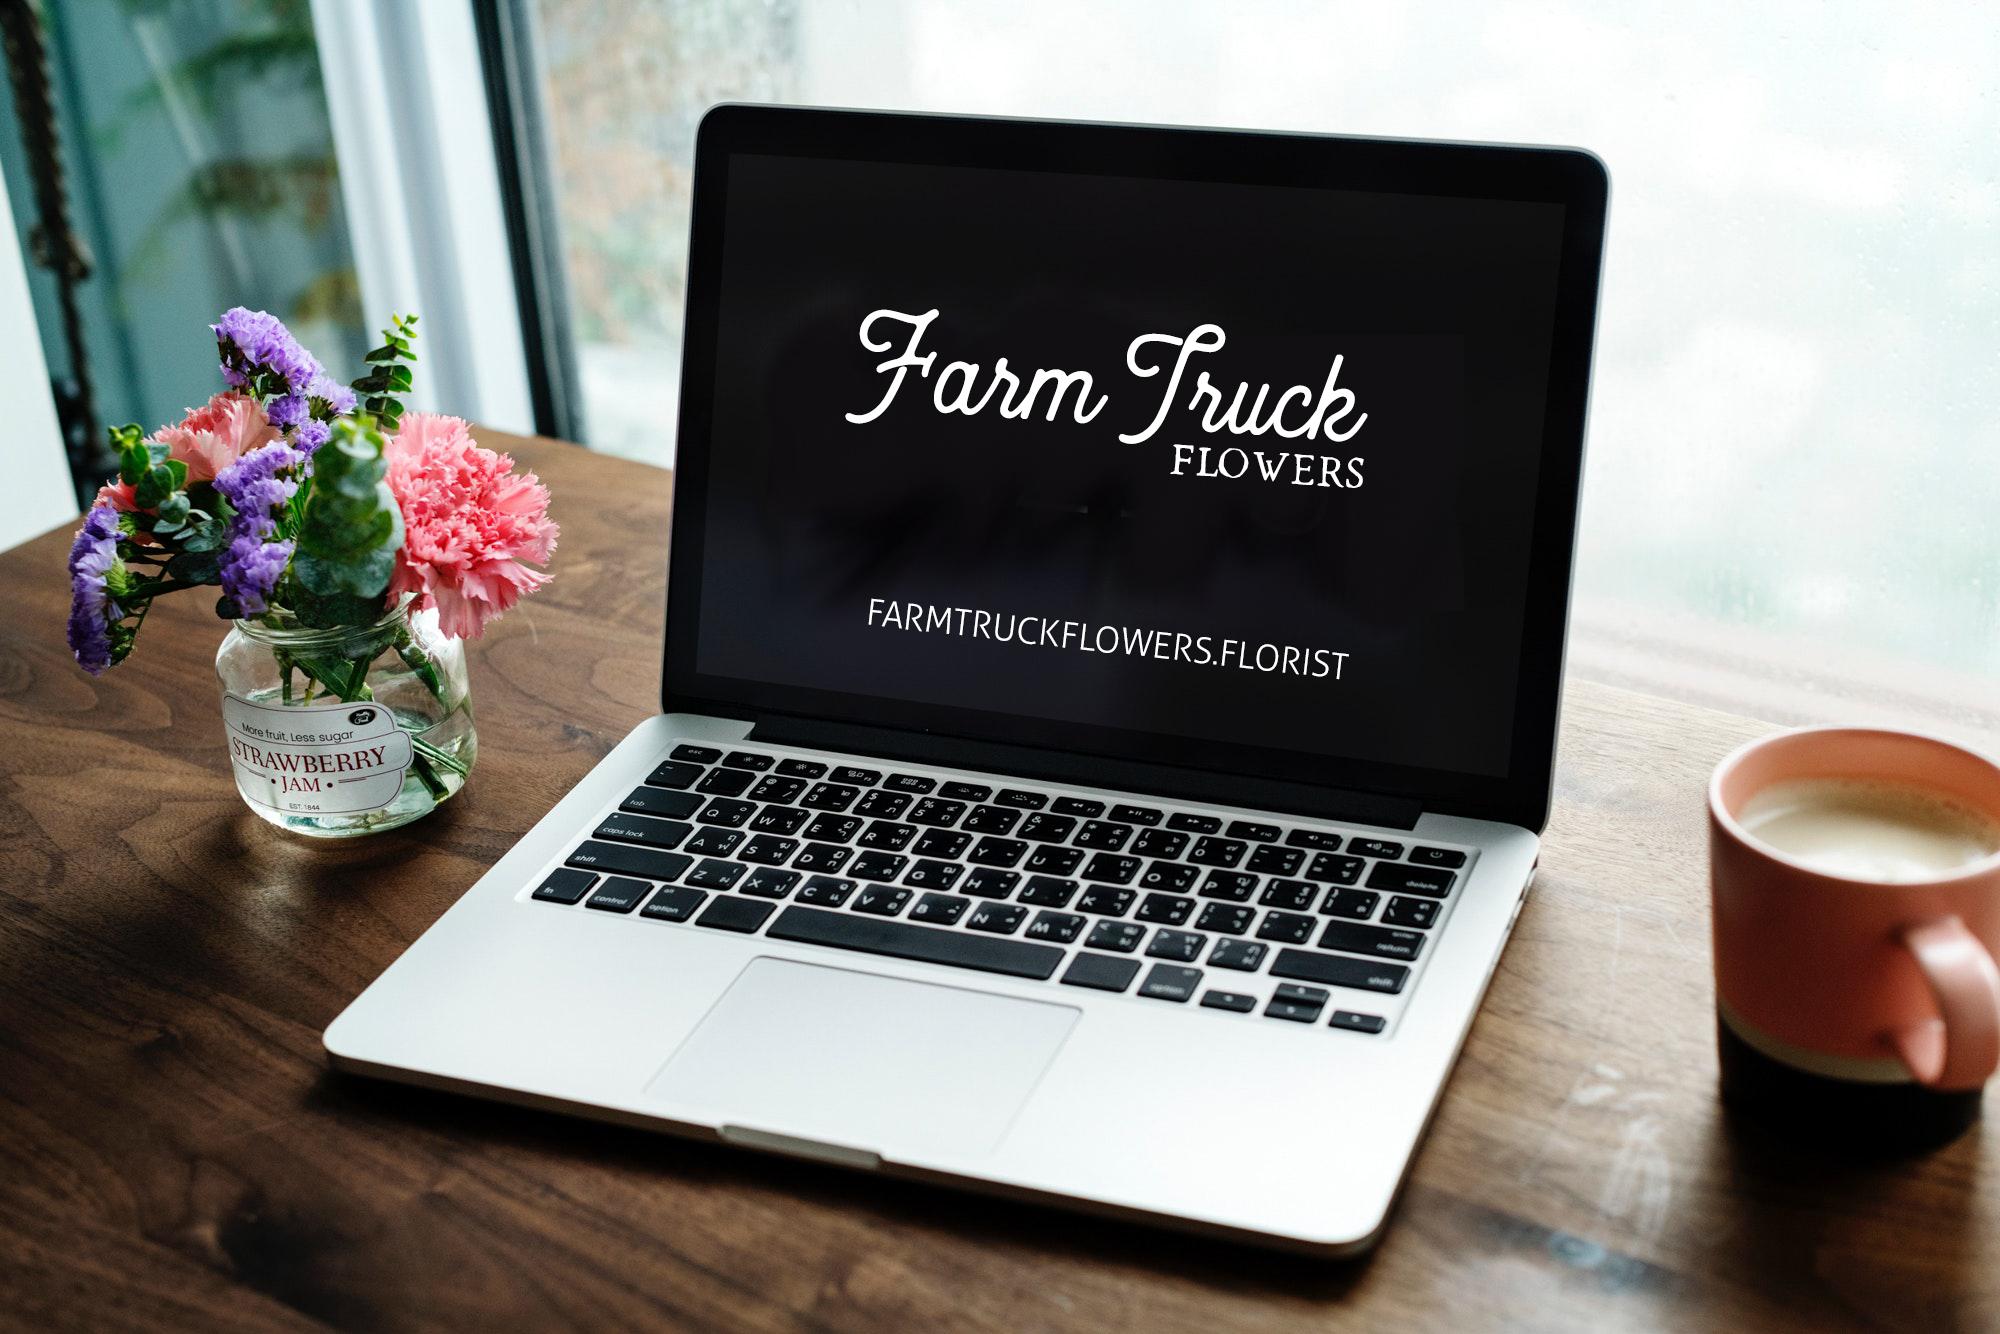 Farm Truck Flowers Newsletter